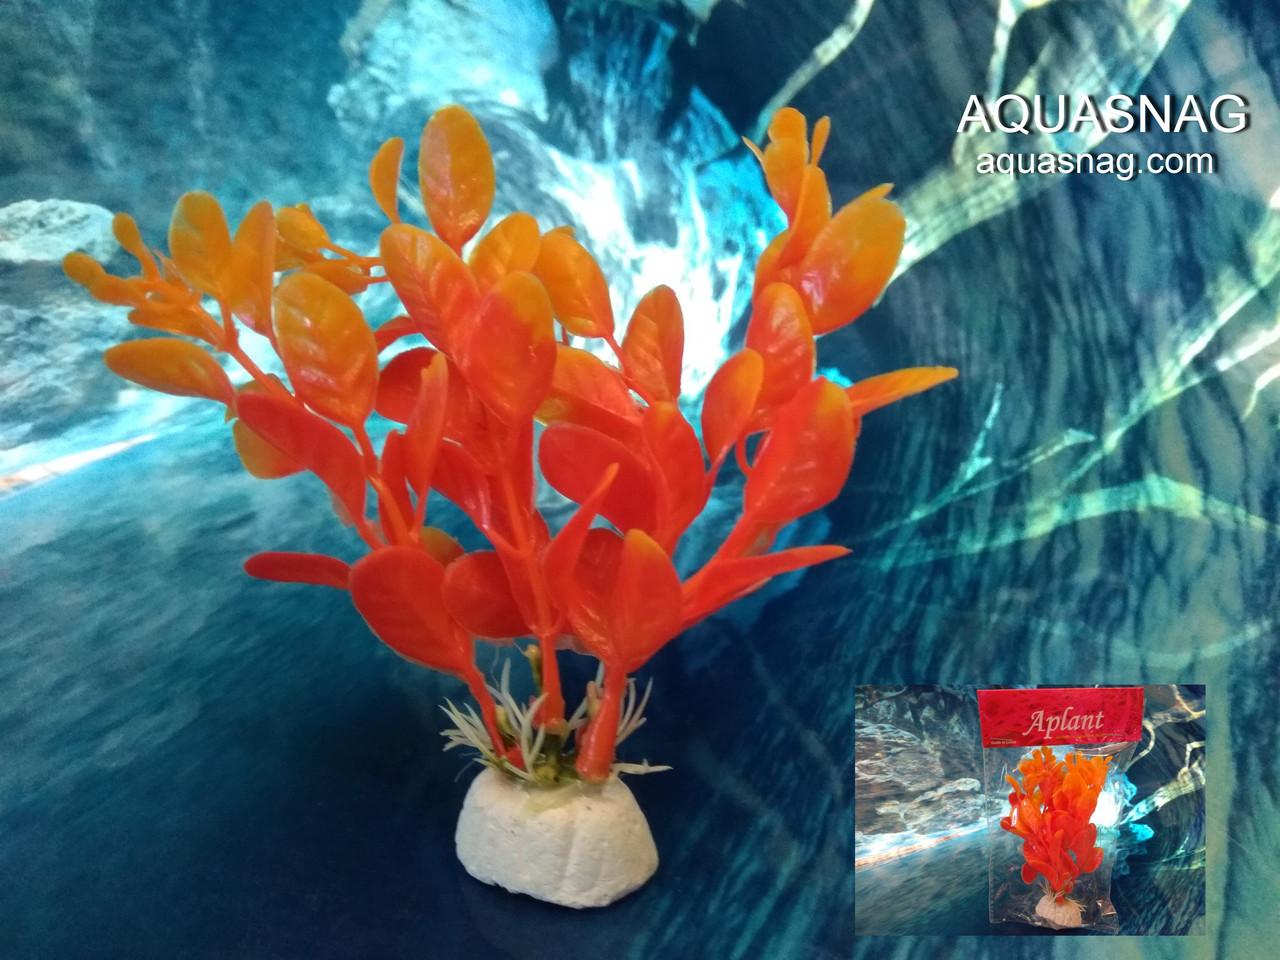 """Растение """"Aplant"""" - 10см, Е 20"""